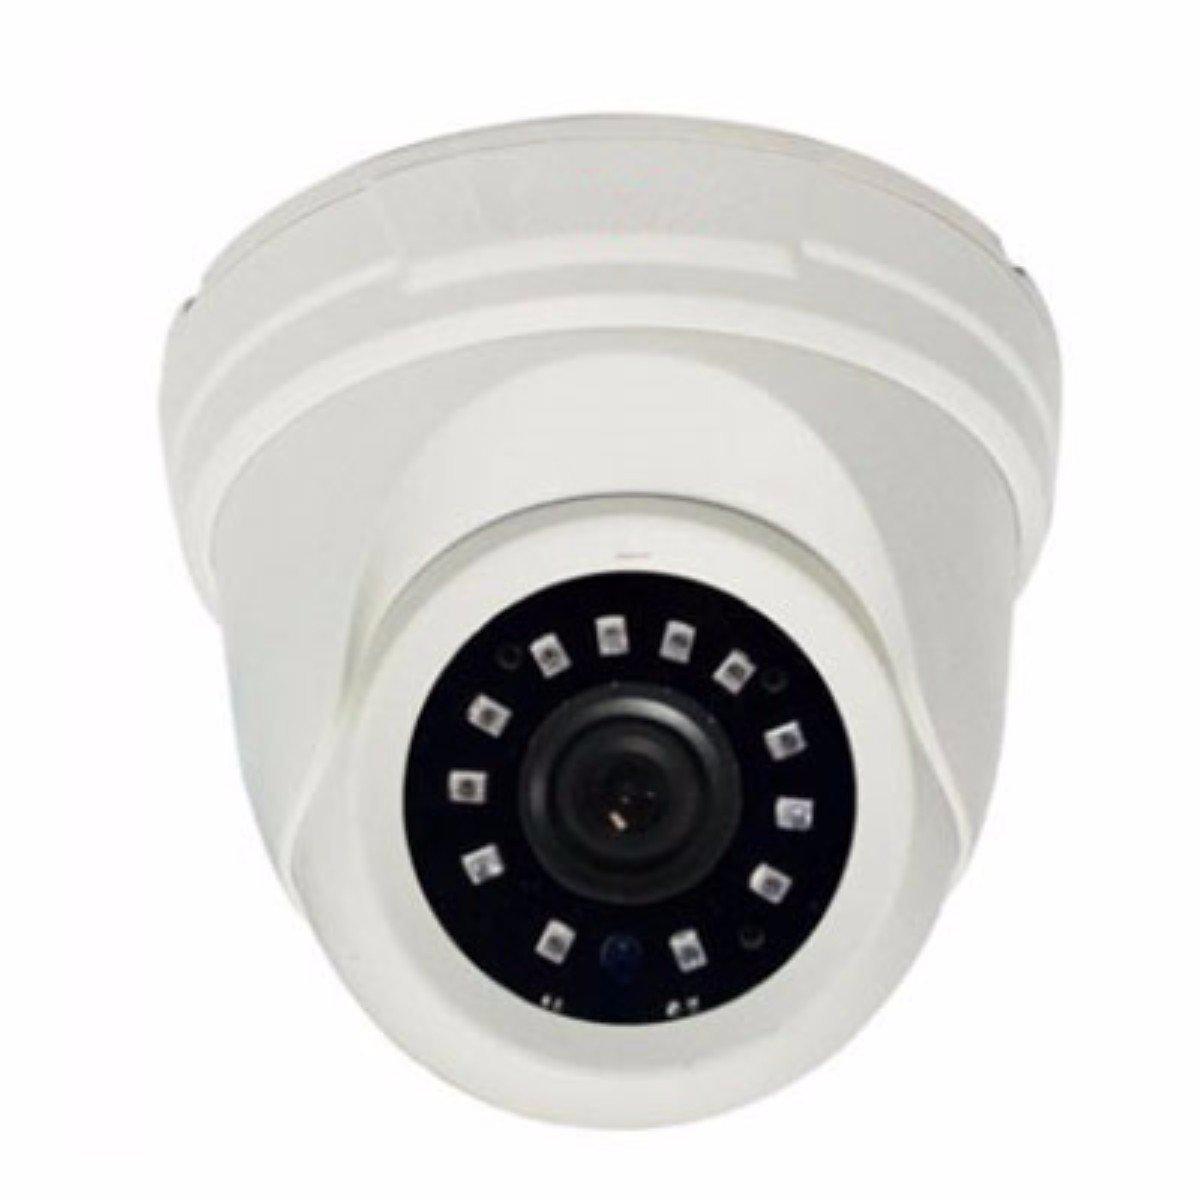 Cp Plus Cp-Vac-D13L2 1.3 Mp 20M Ir Dome Camera (White)